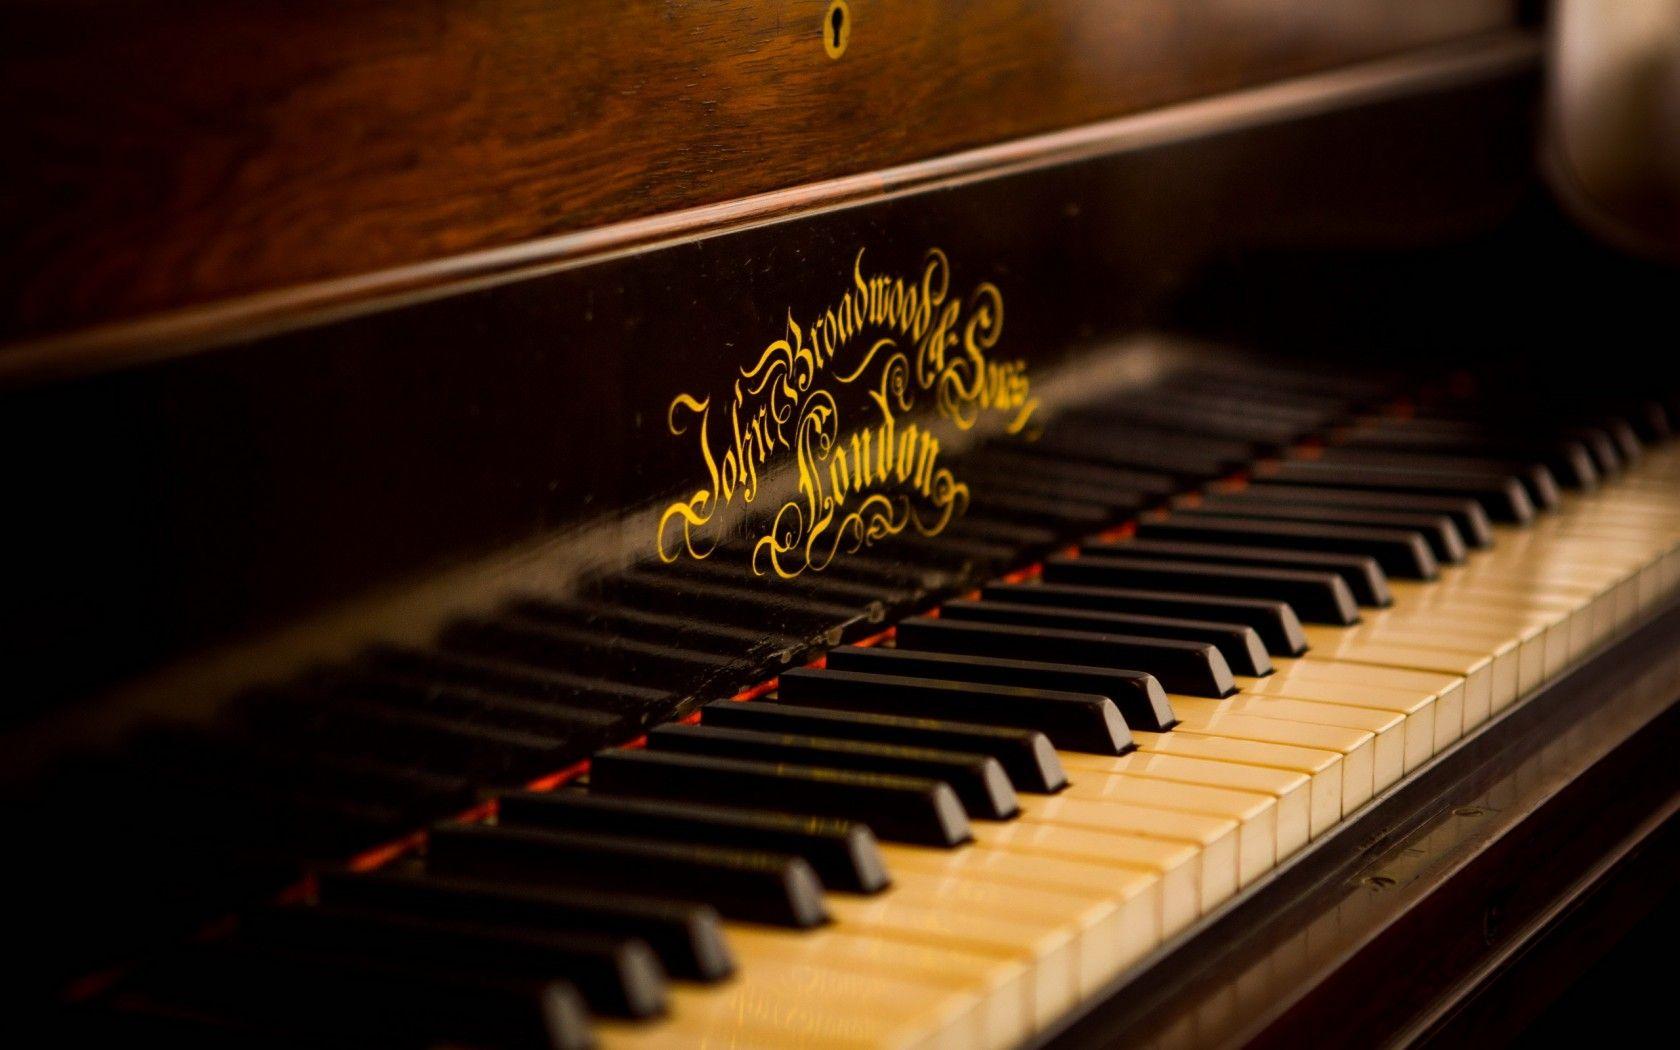 Piano Wallpaper Papel de parede musical, Musical